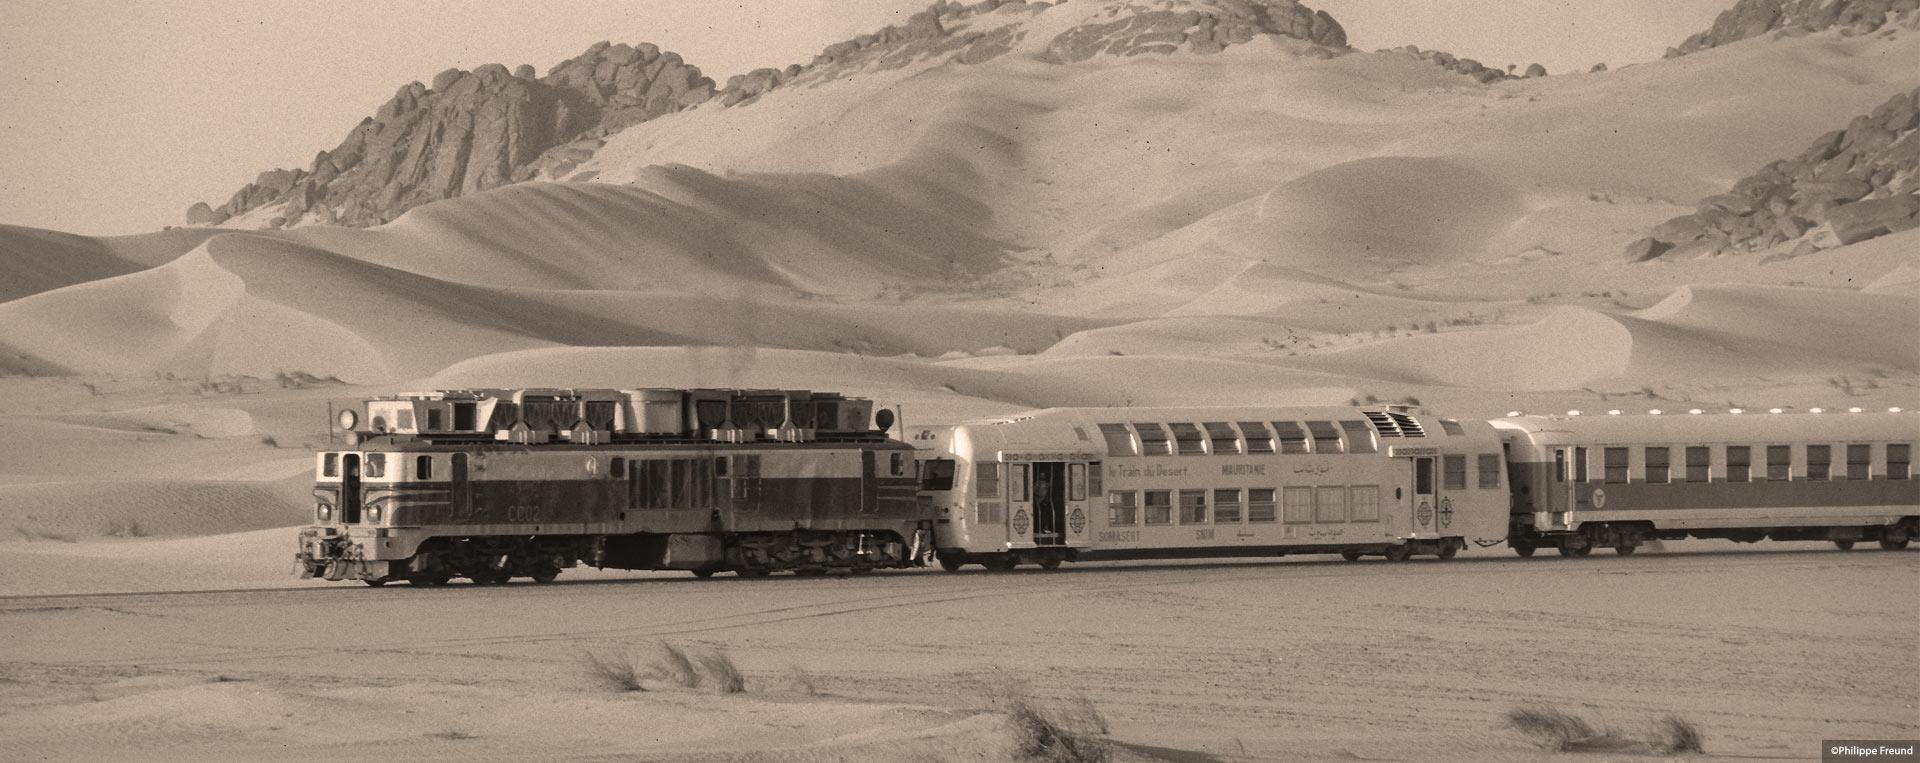 Train du désert sepia Point Afrique